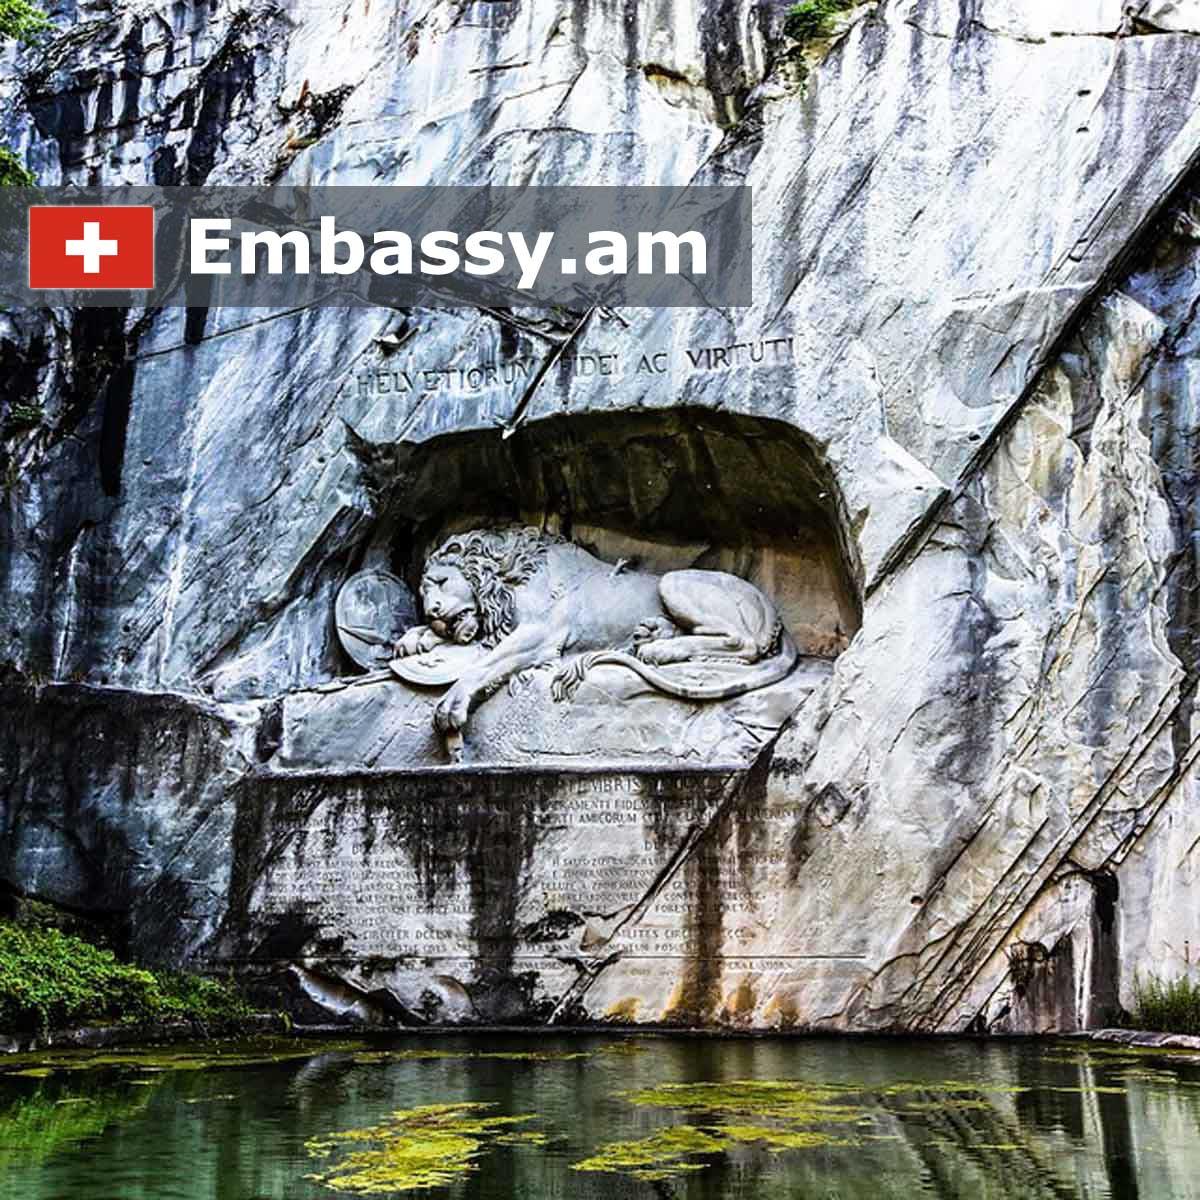 Lucerne - Hotels in Switzerland - Embassy.am